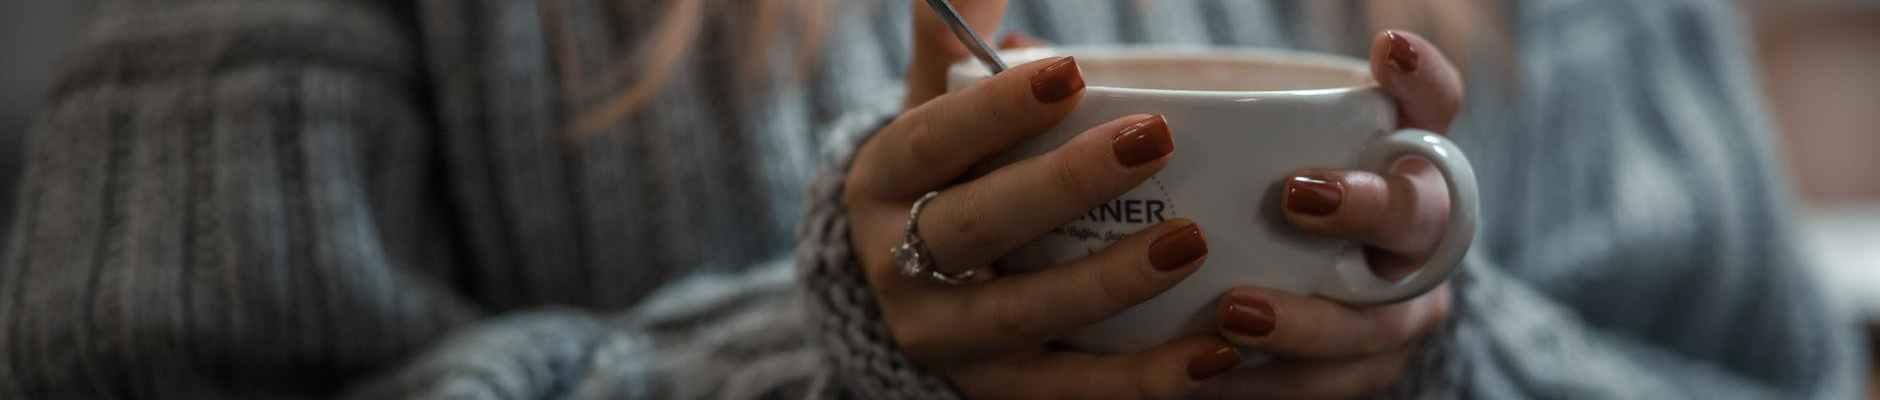 Zašto 2021. godina, ne bi bila najljepša godina u mom životu , coffee, woman in gray sweater holding white ceramic mug